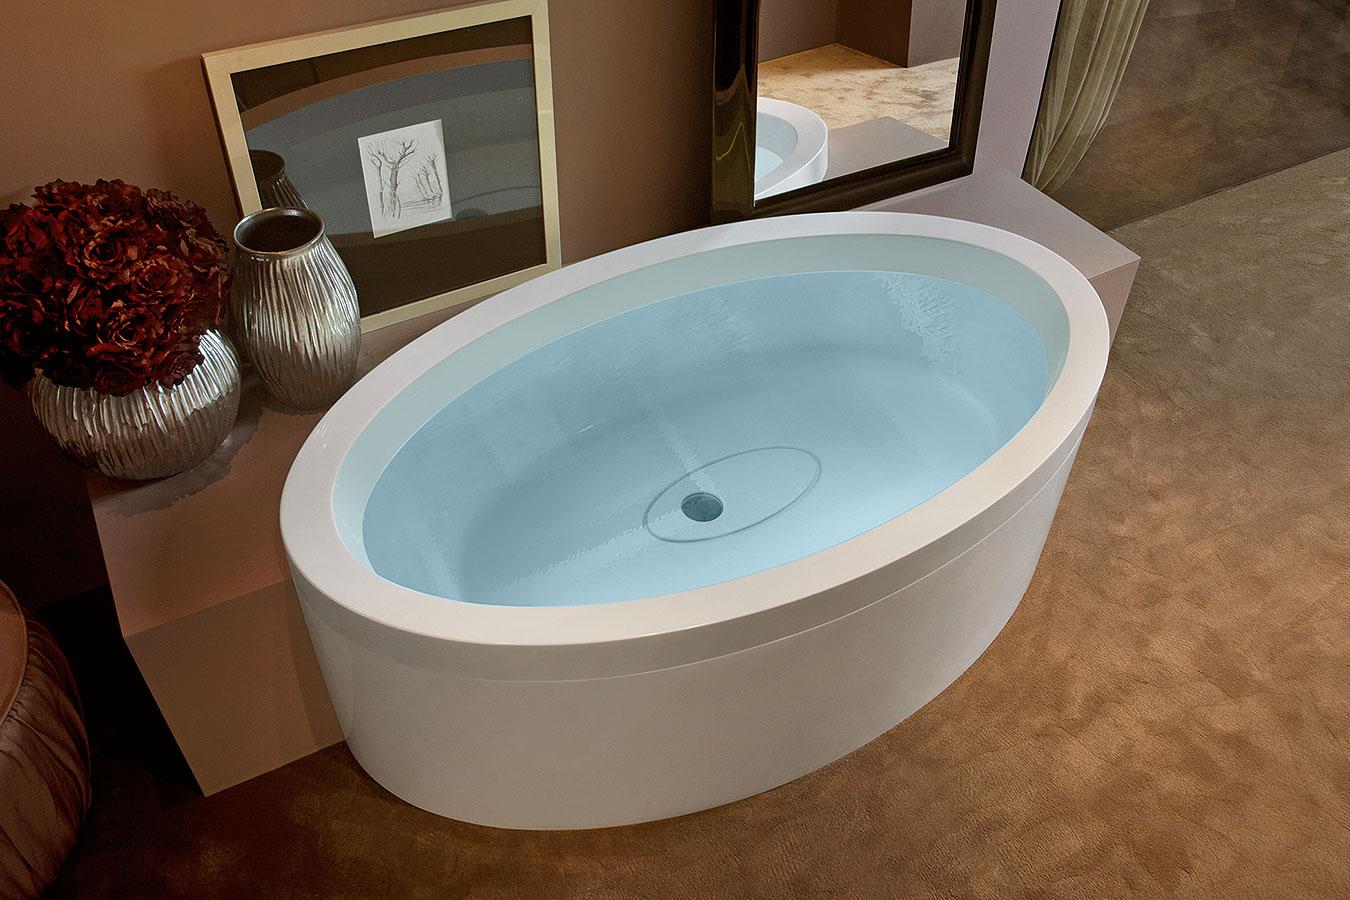 Vasca Da Bagno Con Seduta Di Piccole Dimensioni : Vasche da bagno piccole misure excellent vasca ideal standard